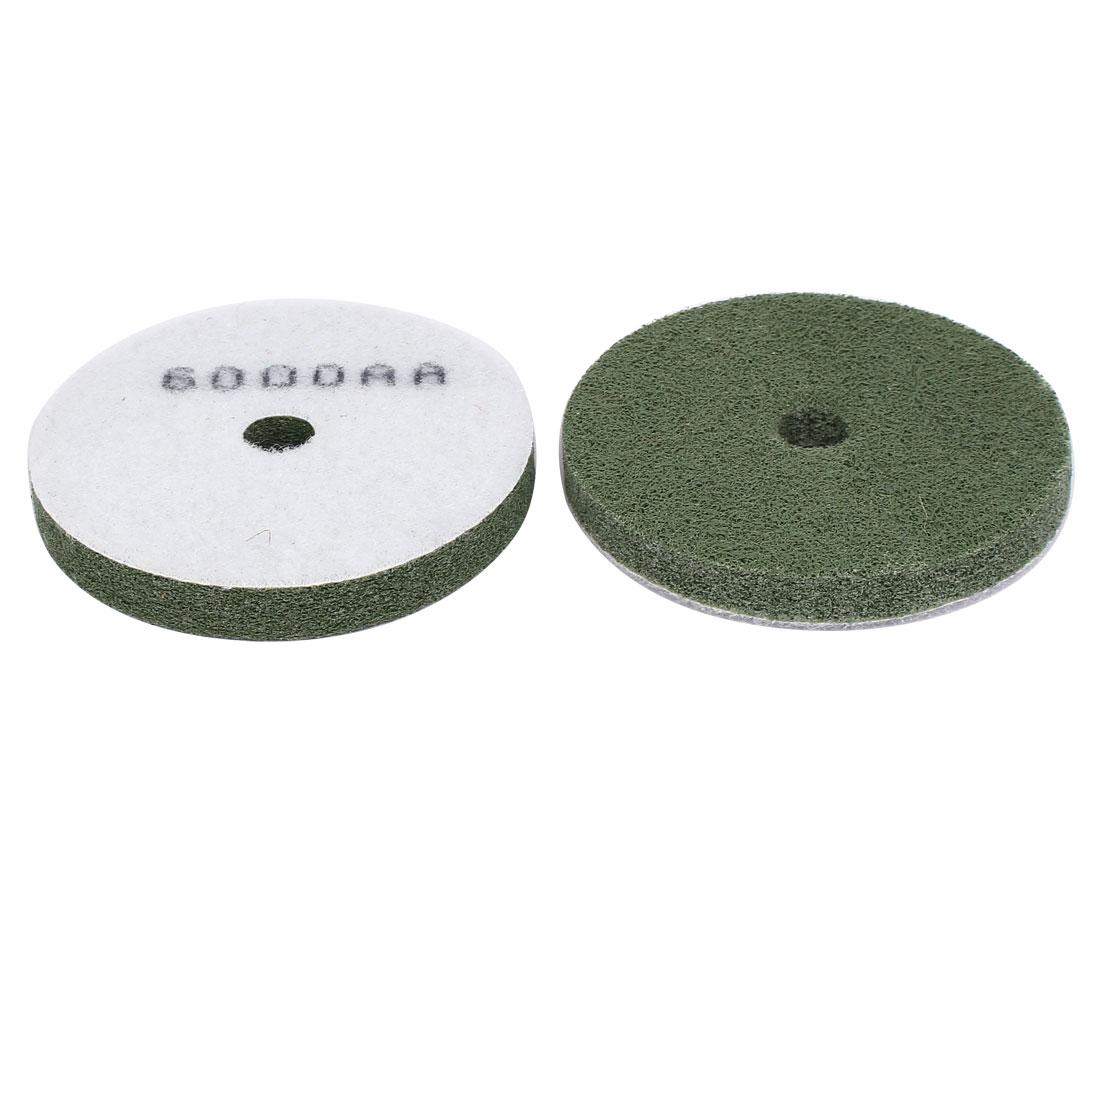 6000 Grits 100mm Outer Dia Concrete Granite Diamond Sponge Polishing Pad 2pcs